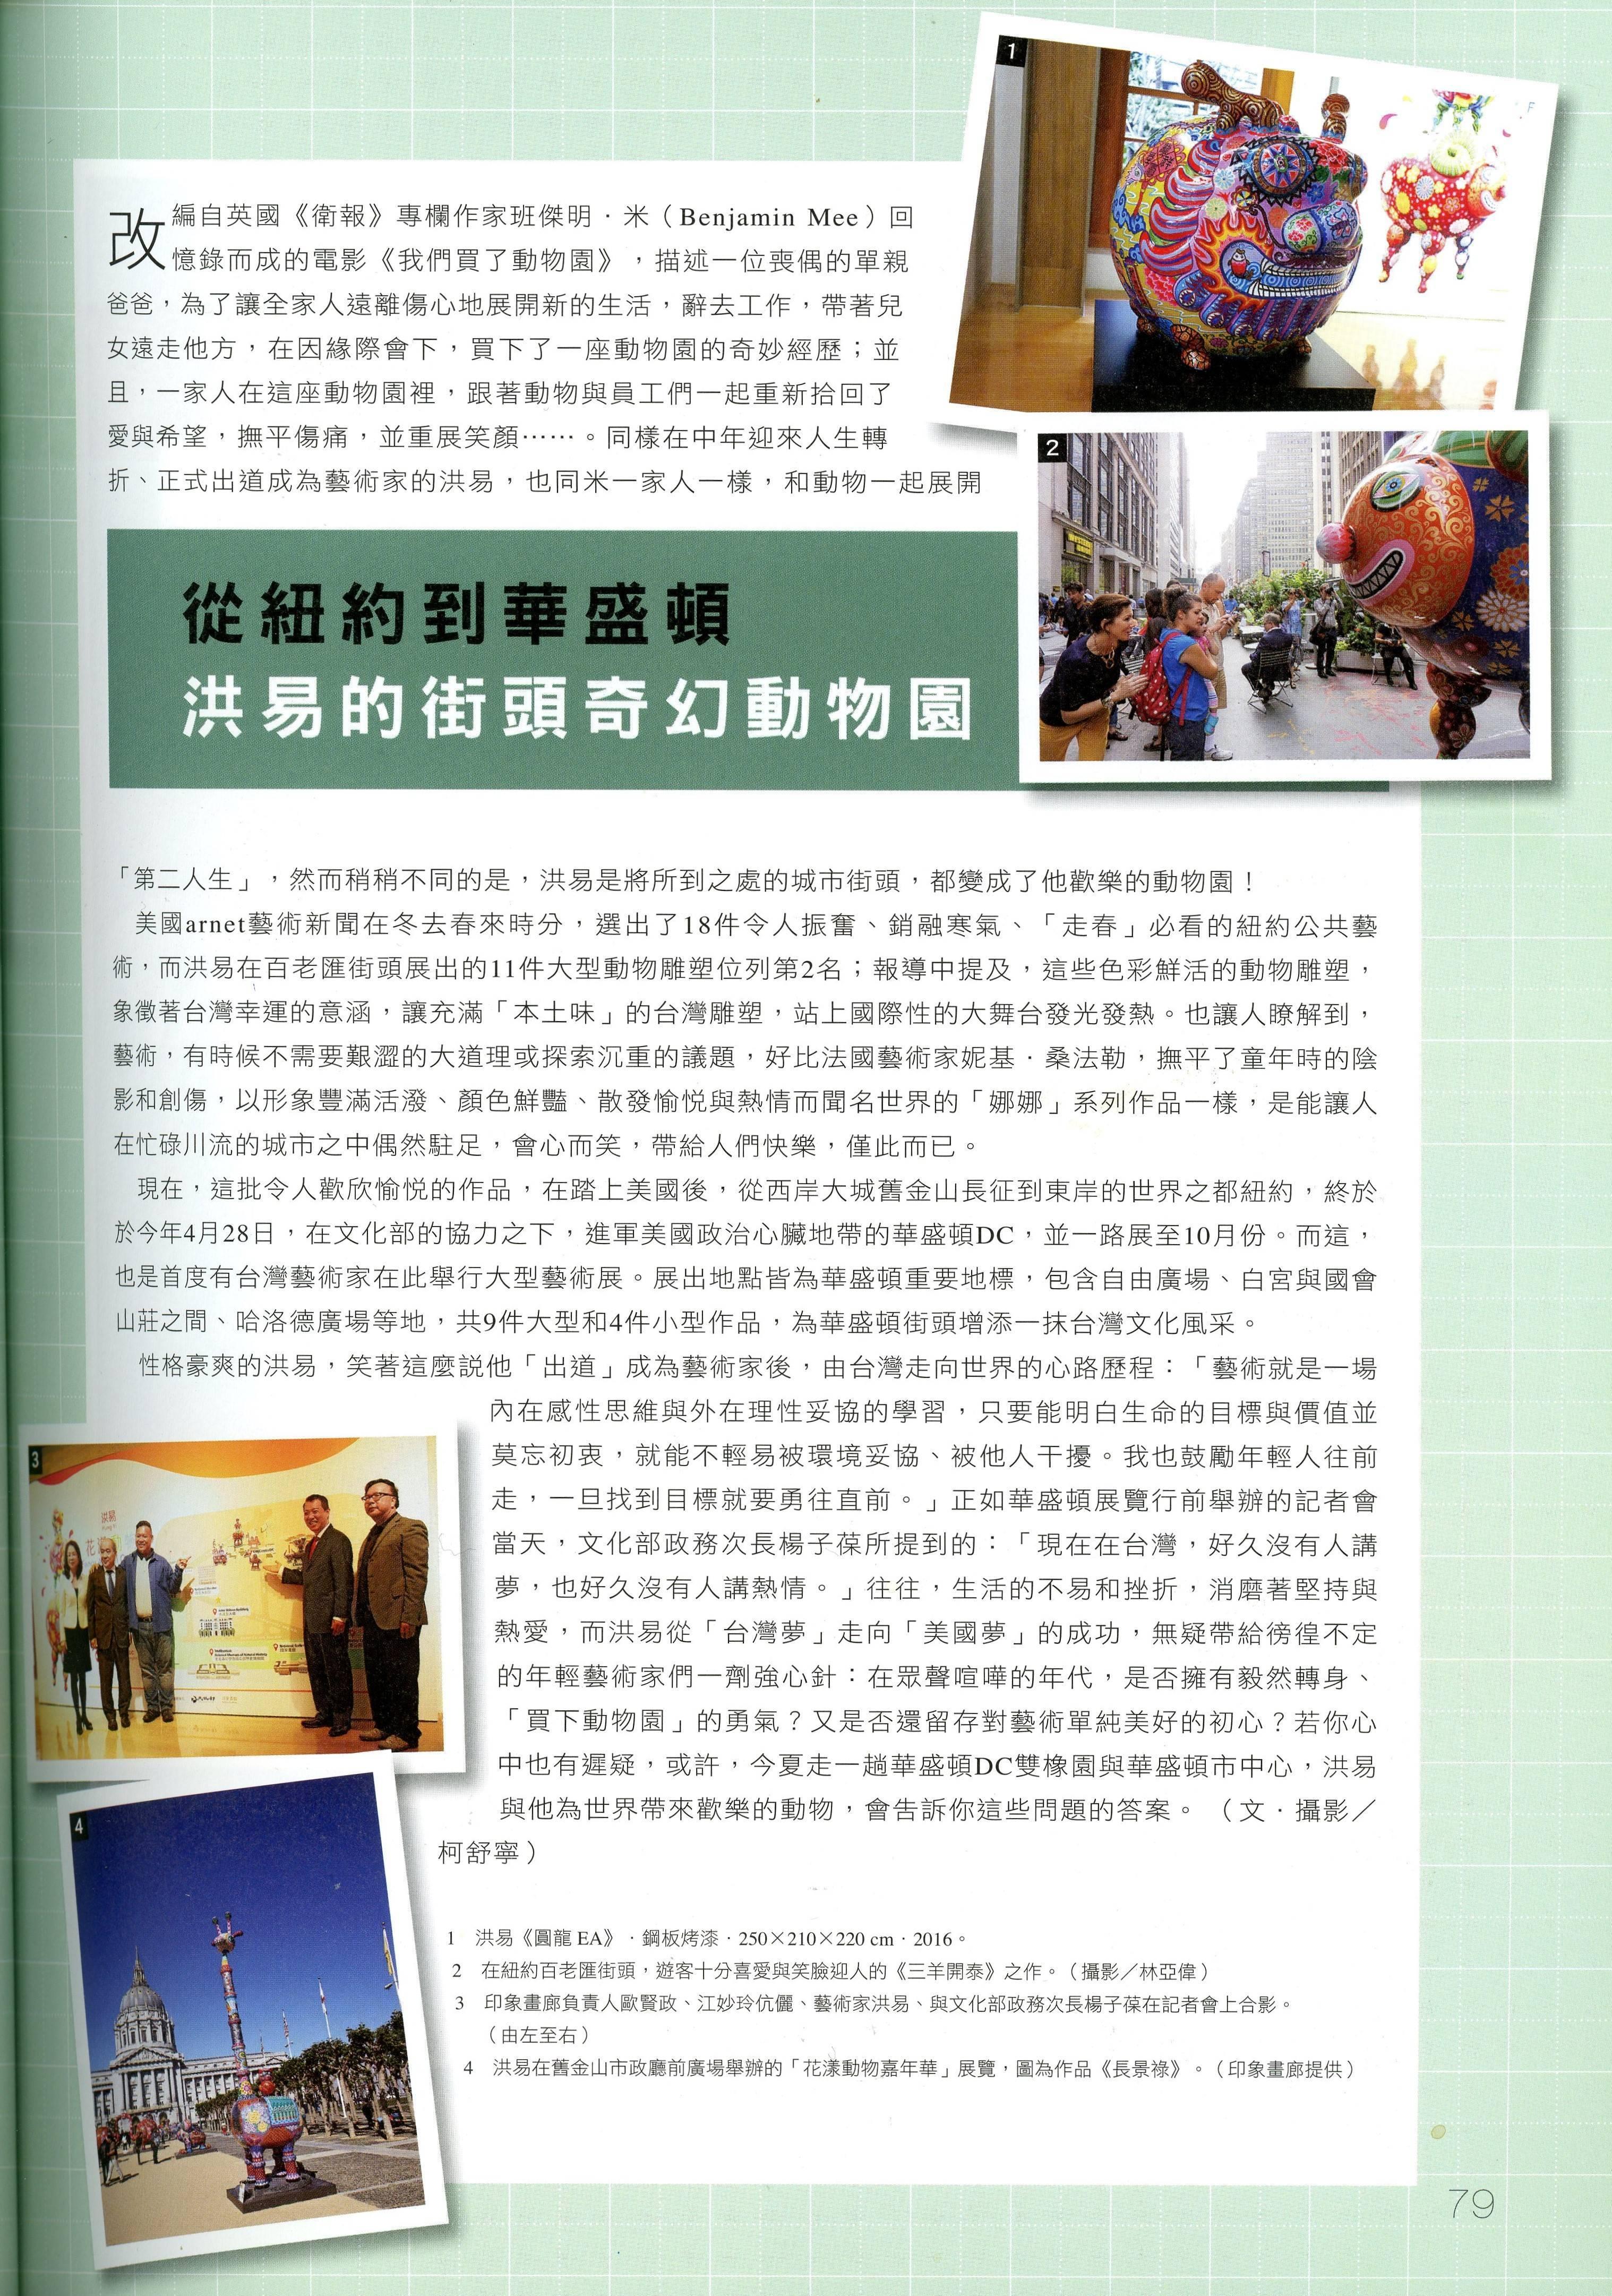 典藏投資No.115 2017年5月號 雜誌內文